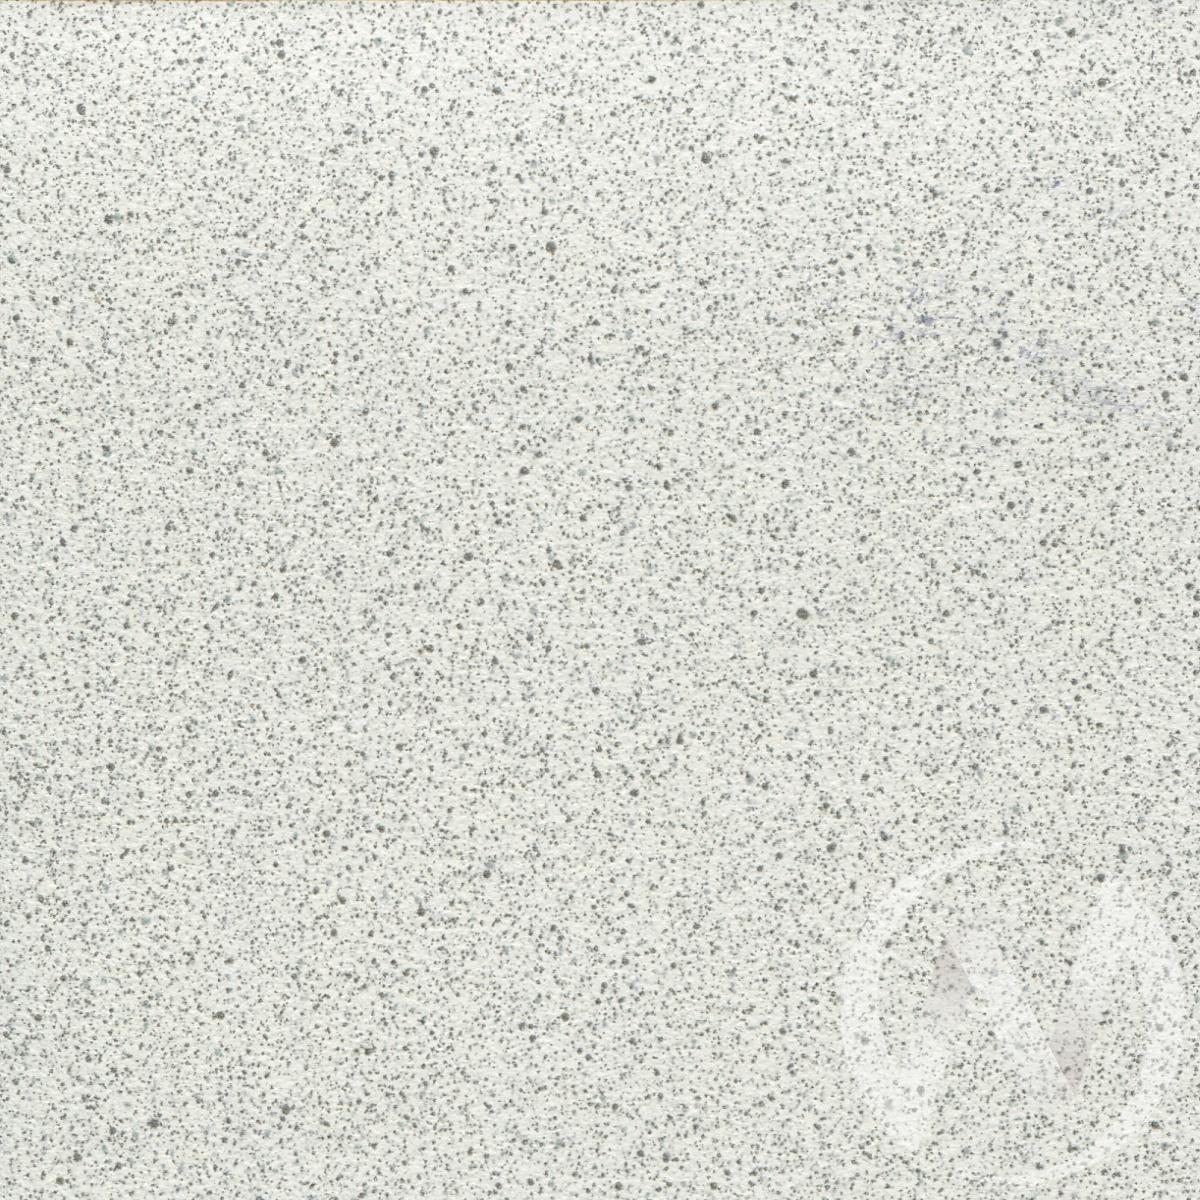 СТ-НУ 990 Столешница 990*600*26 (№ 4040 сахара белая)  в Томске — интернет магазин МИРА-мебель